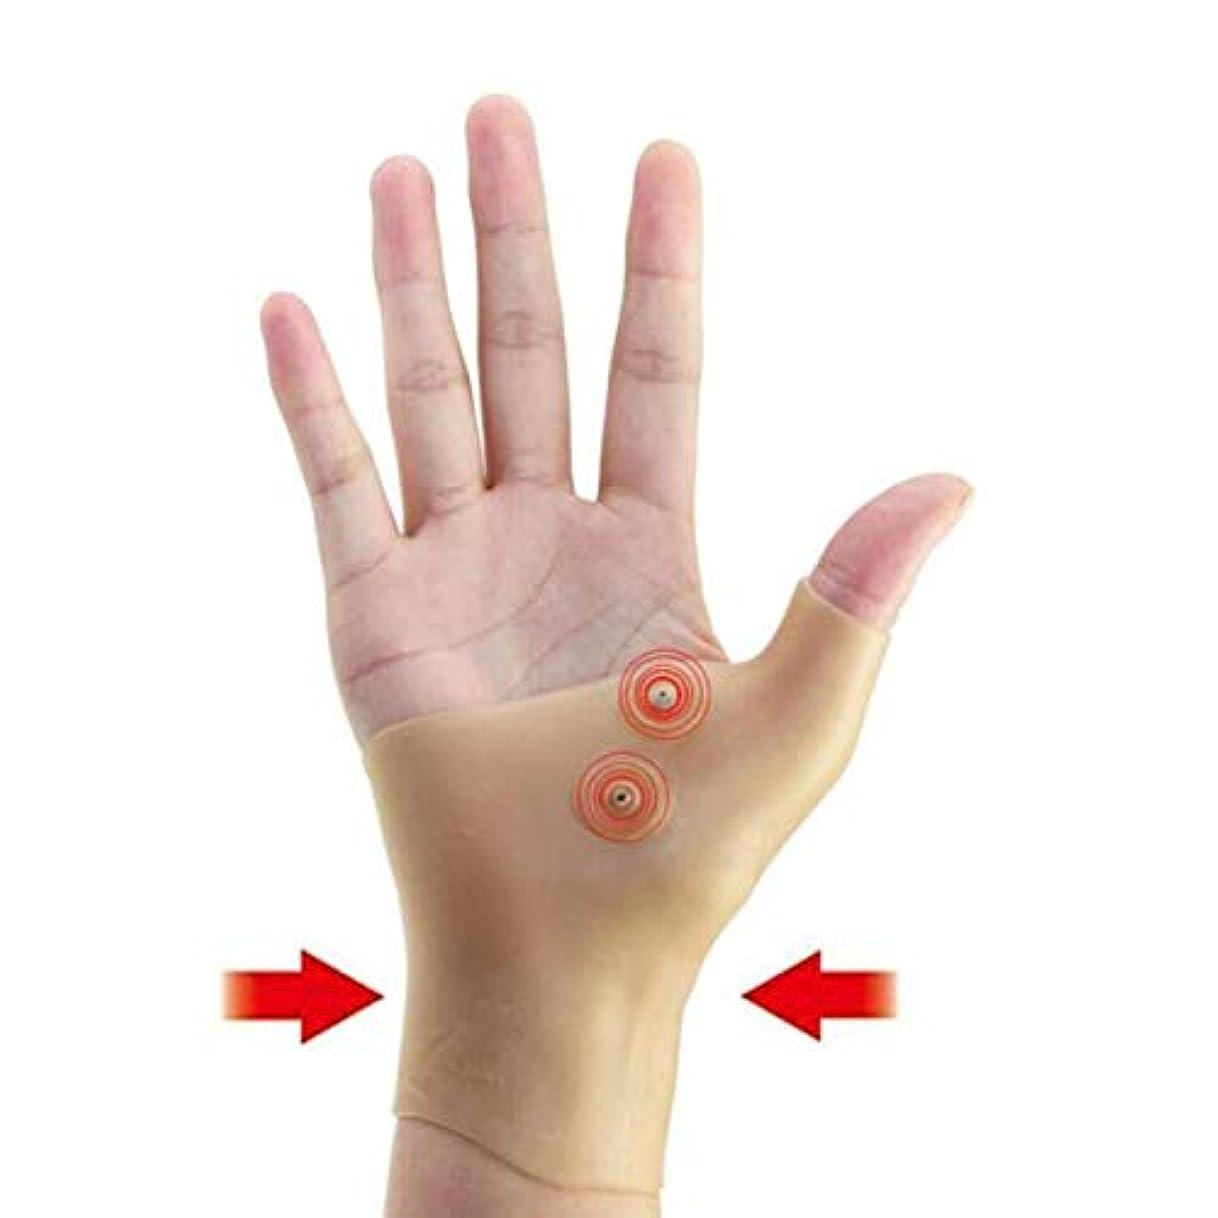 ご飯メッセンジャー取り壊す友美 磁気療法の手首の親指サポート手袋のシリコーンのゲルのマッサージの苦痛救助